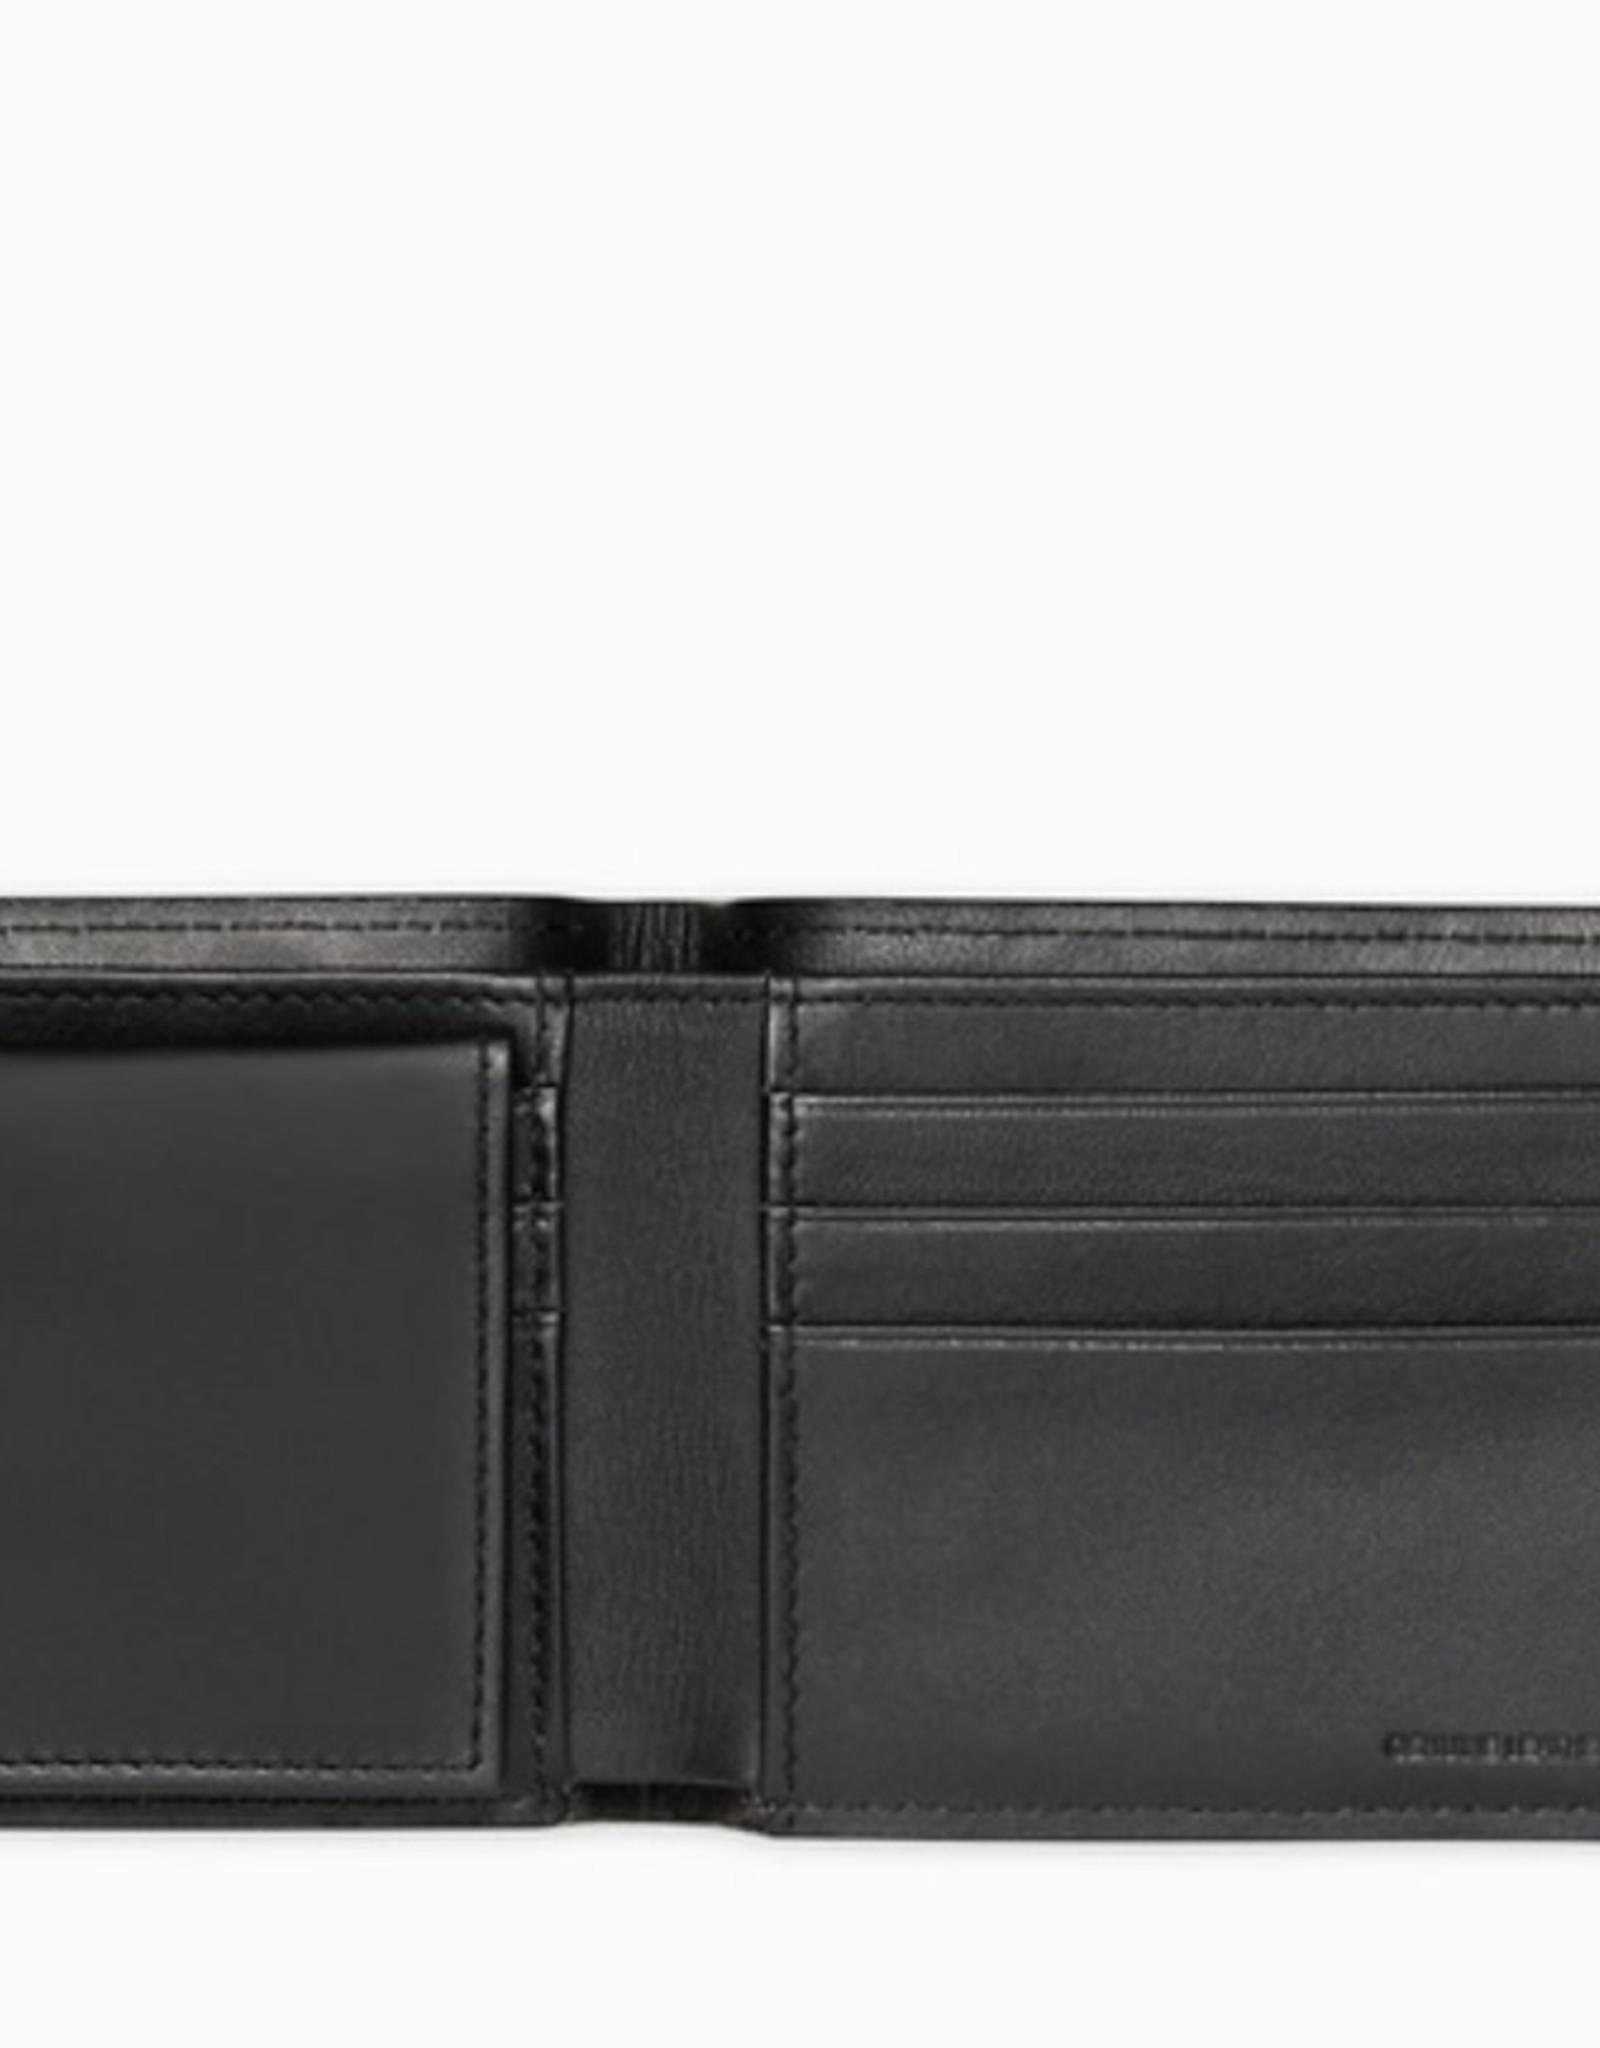 Calvin Klein Calvin Klein Billfold Wallet Embroidered Texture Logo